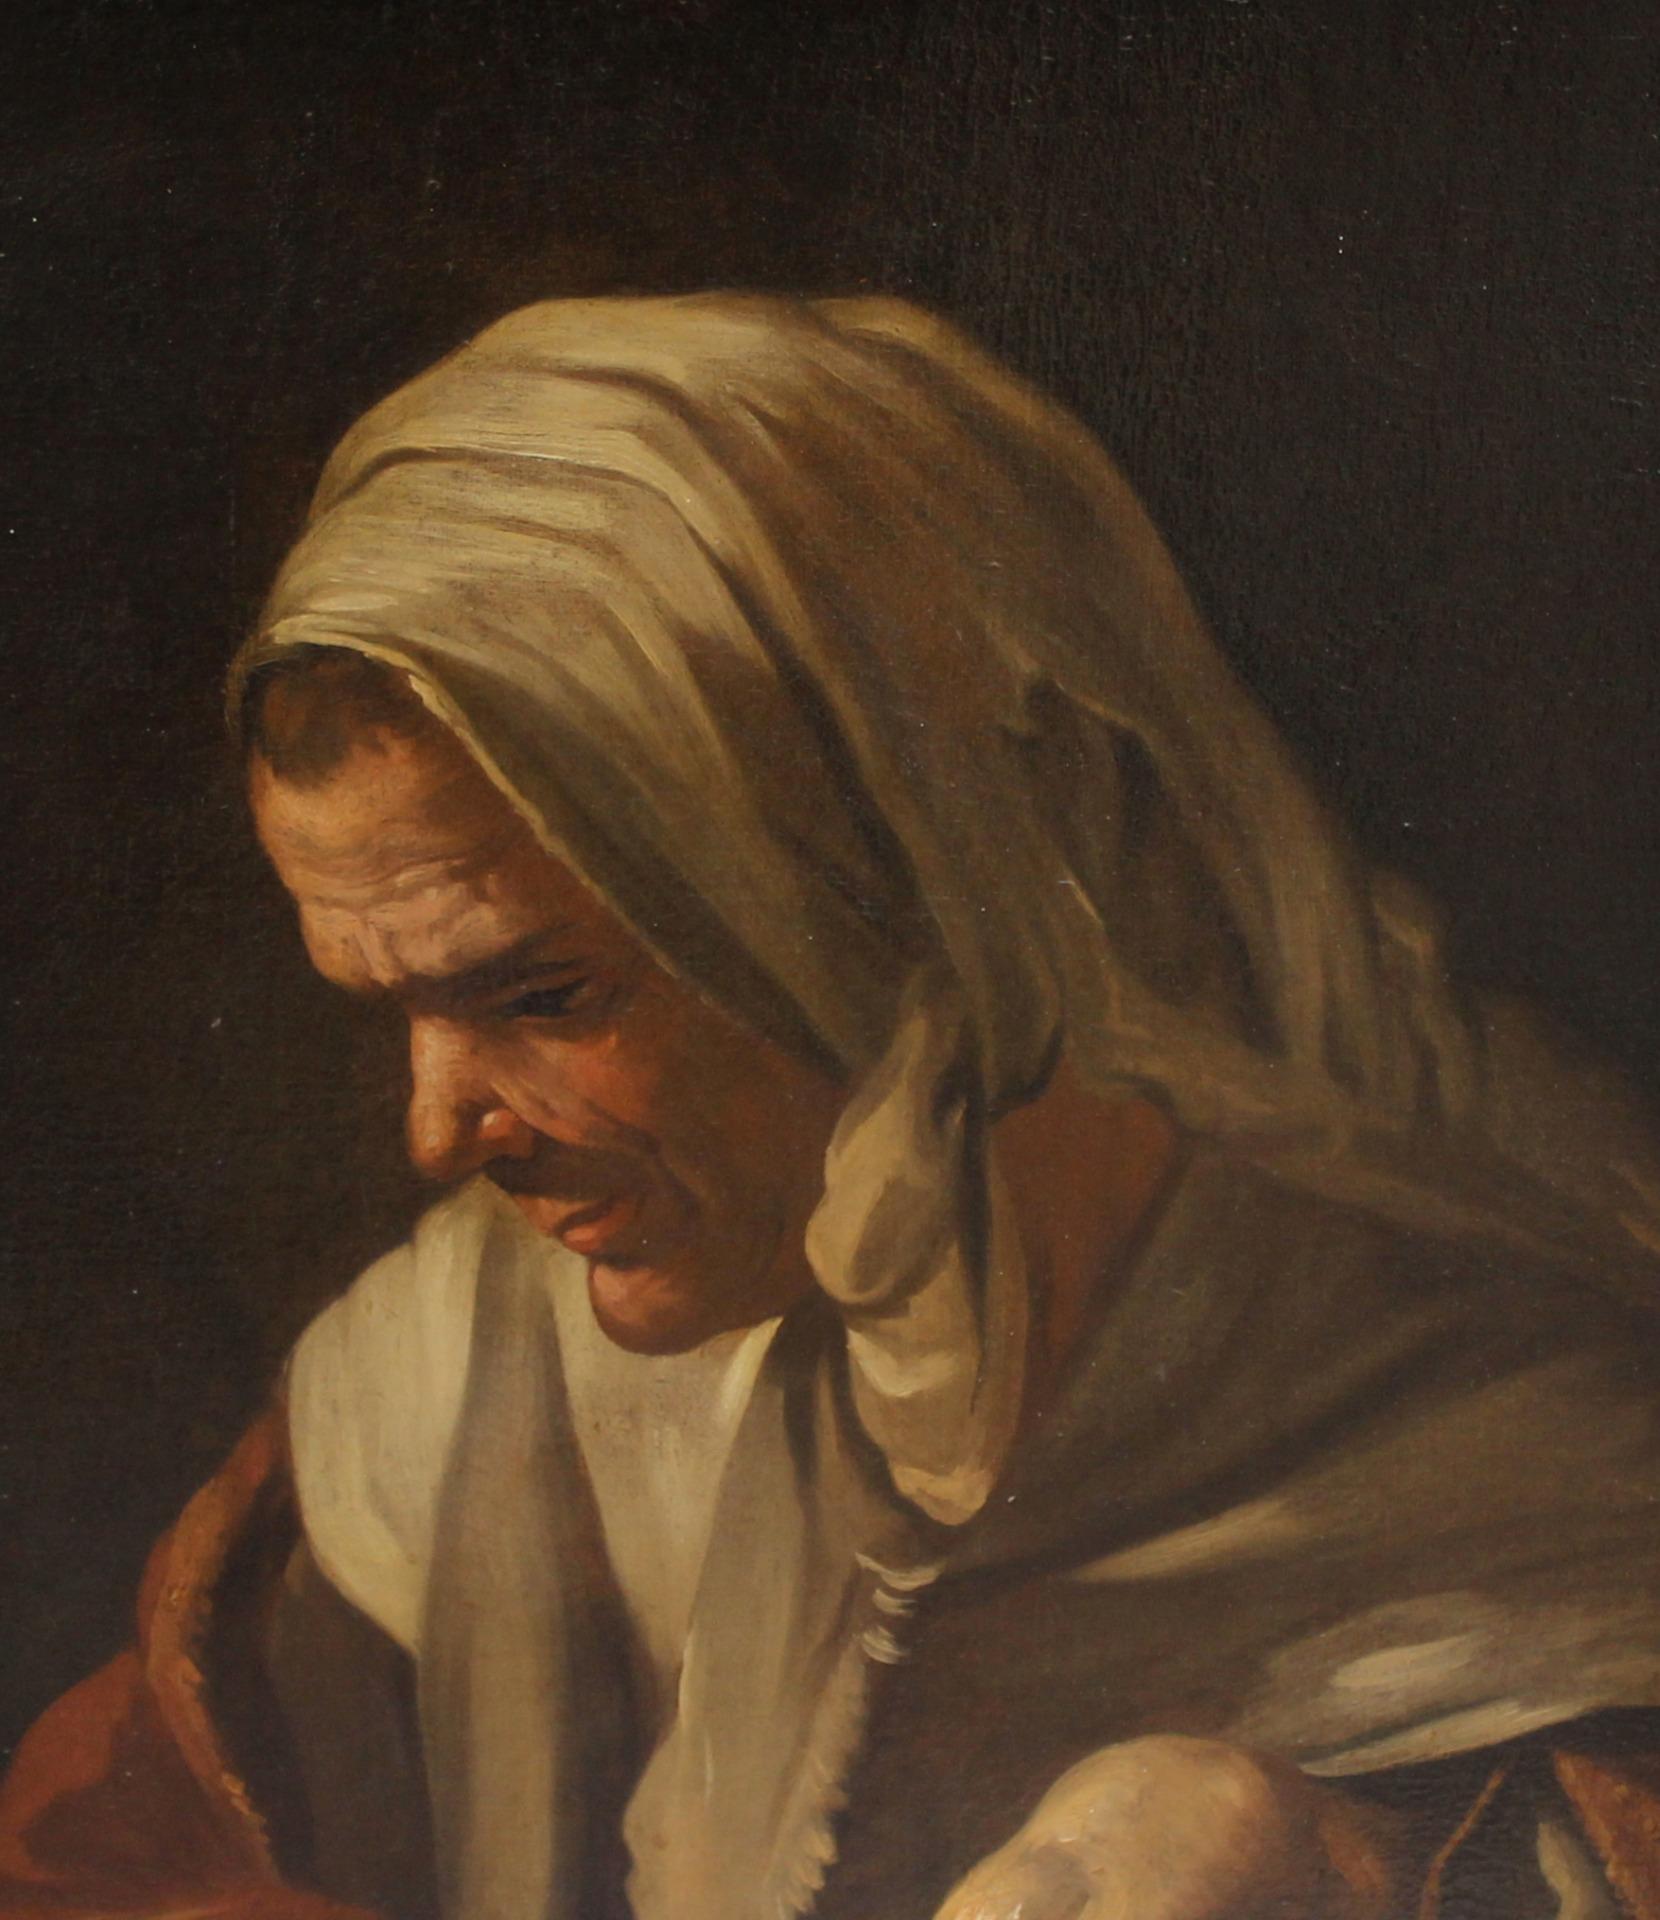 thumb3 Donna con scaldino, Antonio Cifrondi (1665 - 1730)